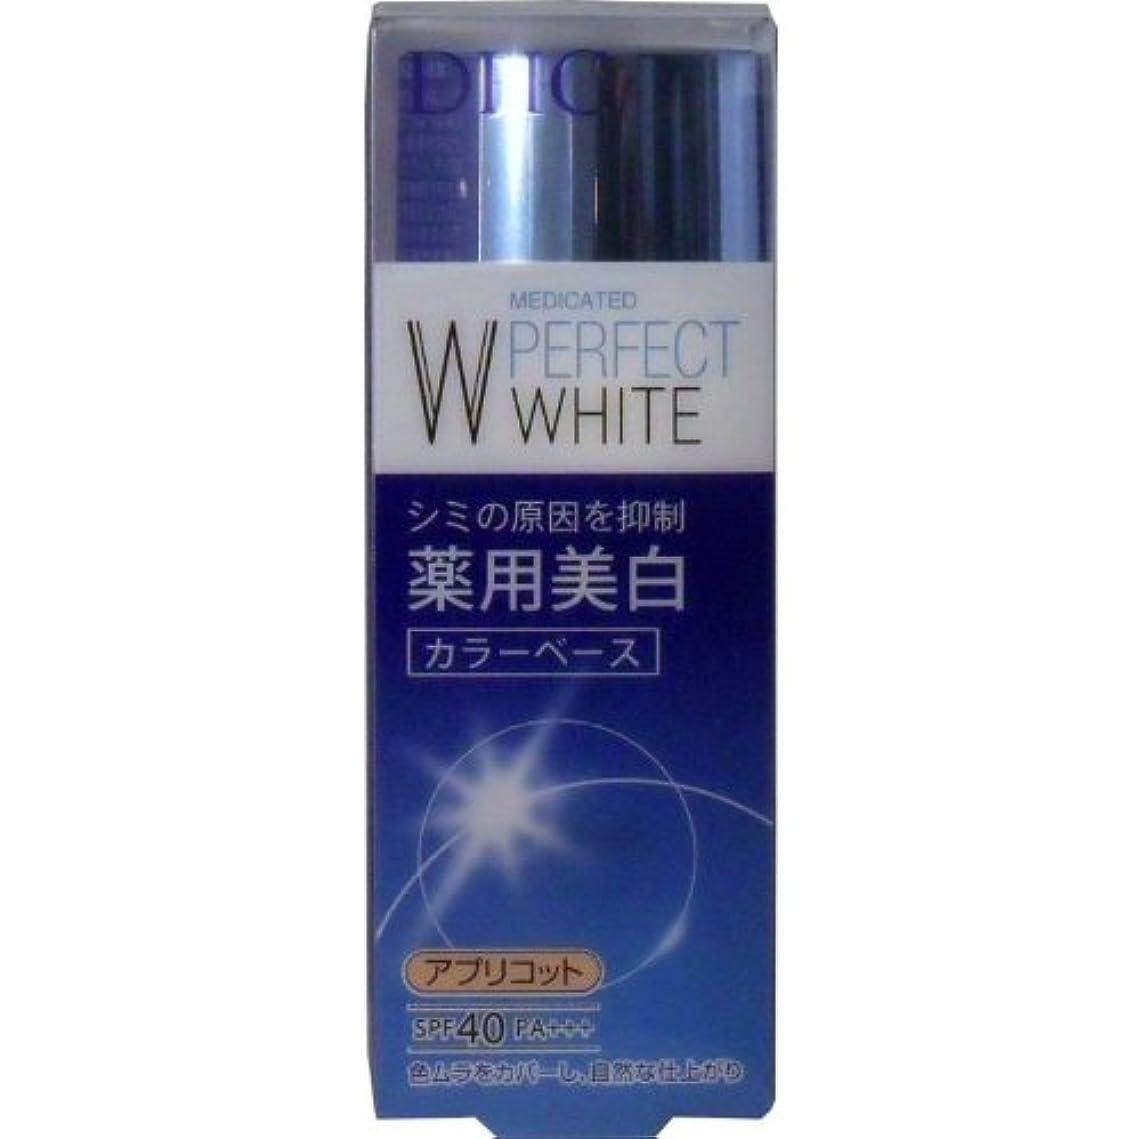 書道スポーツの試合を担当している人ランデブーDHC 薬用美白パーフェクトホワイト カラーベース アプリコット 30g